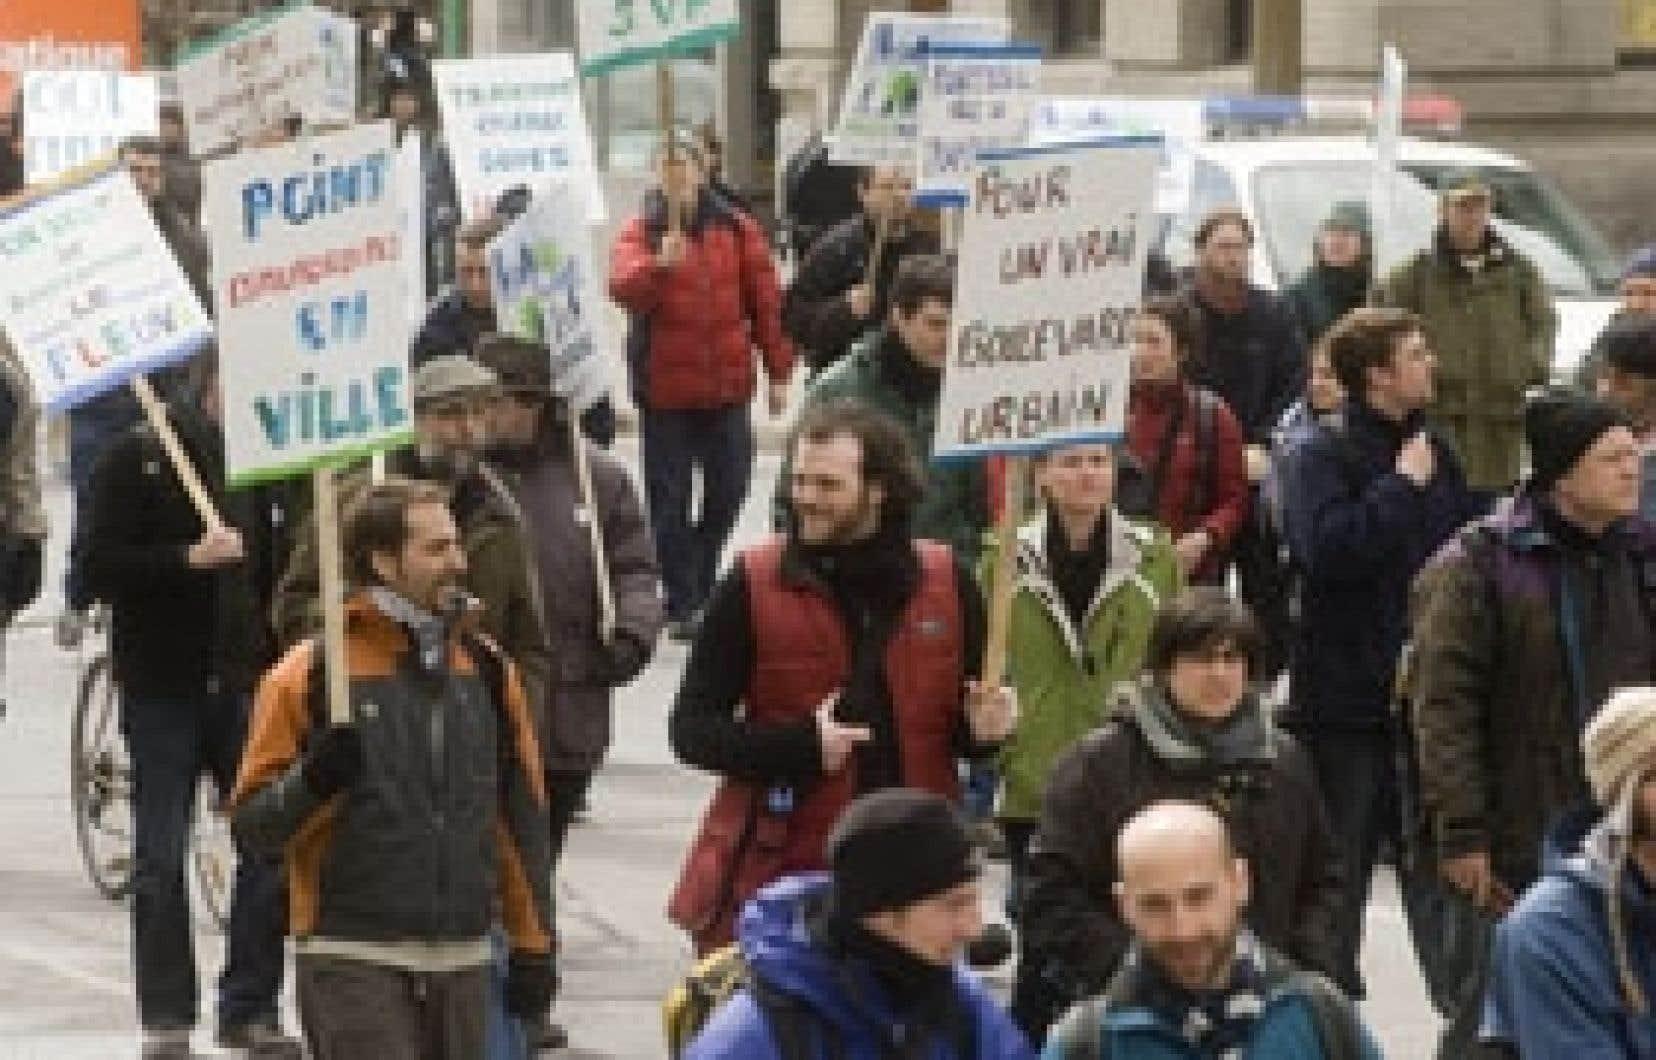 Des centaines de personnes ont manifesté hier à Montréal contre le projet d'élargissement de la rue Notre-Dame.